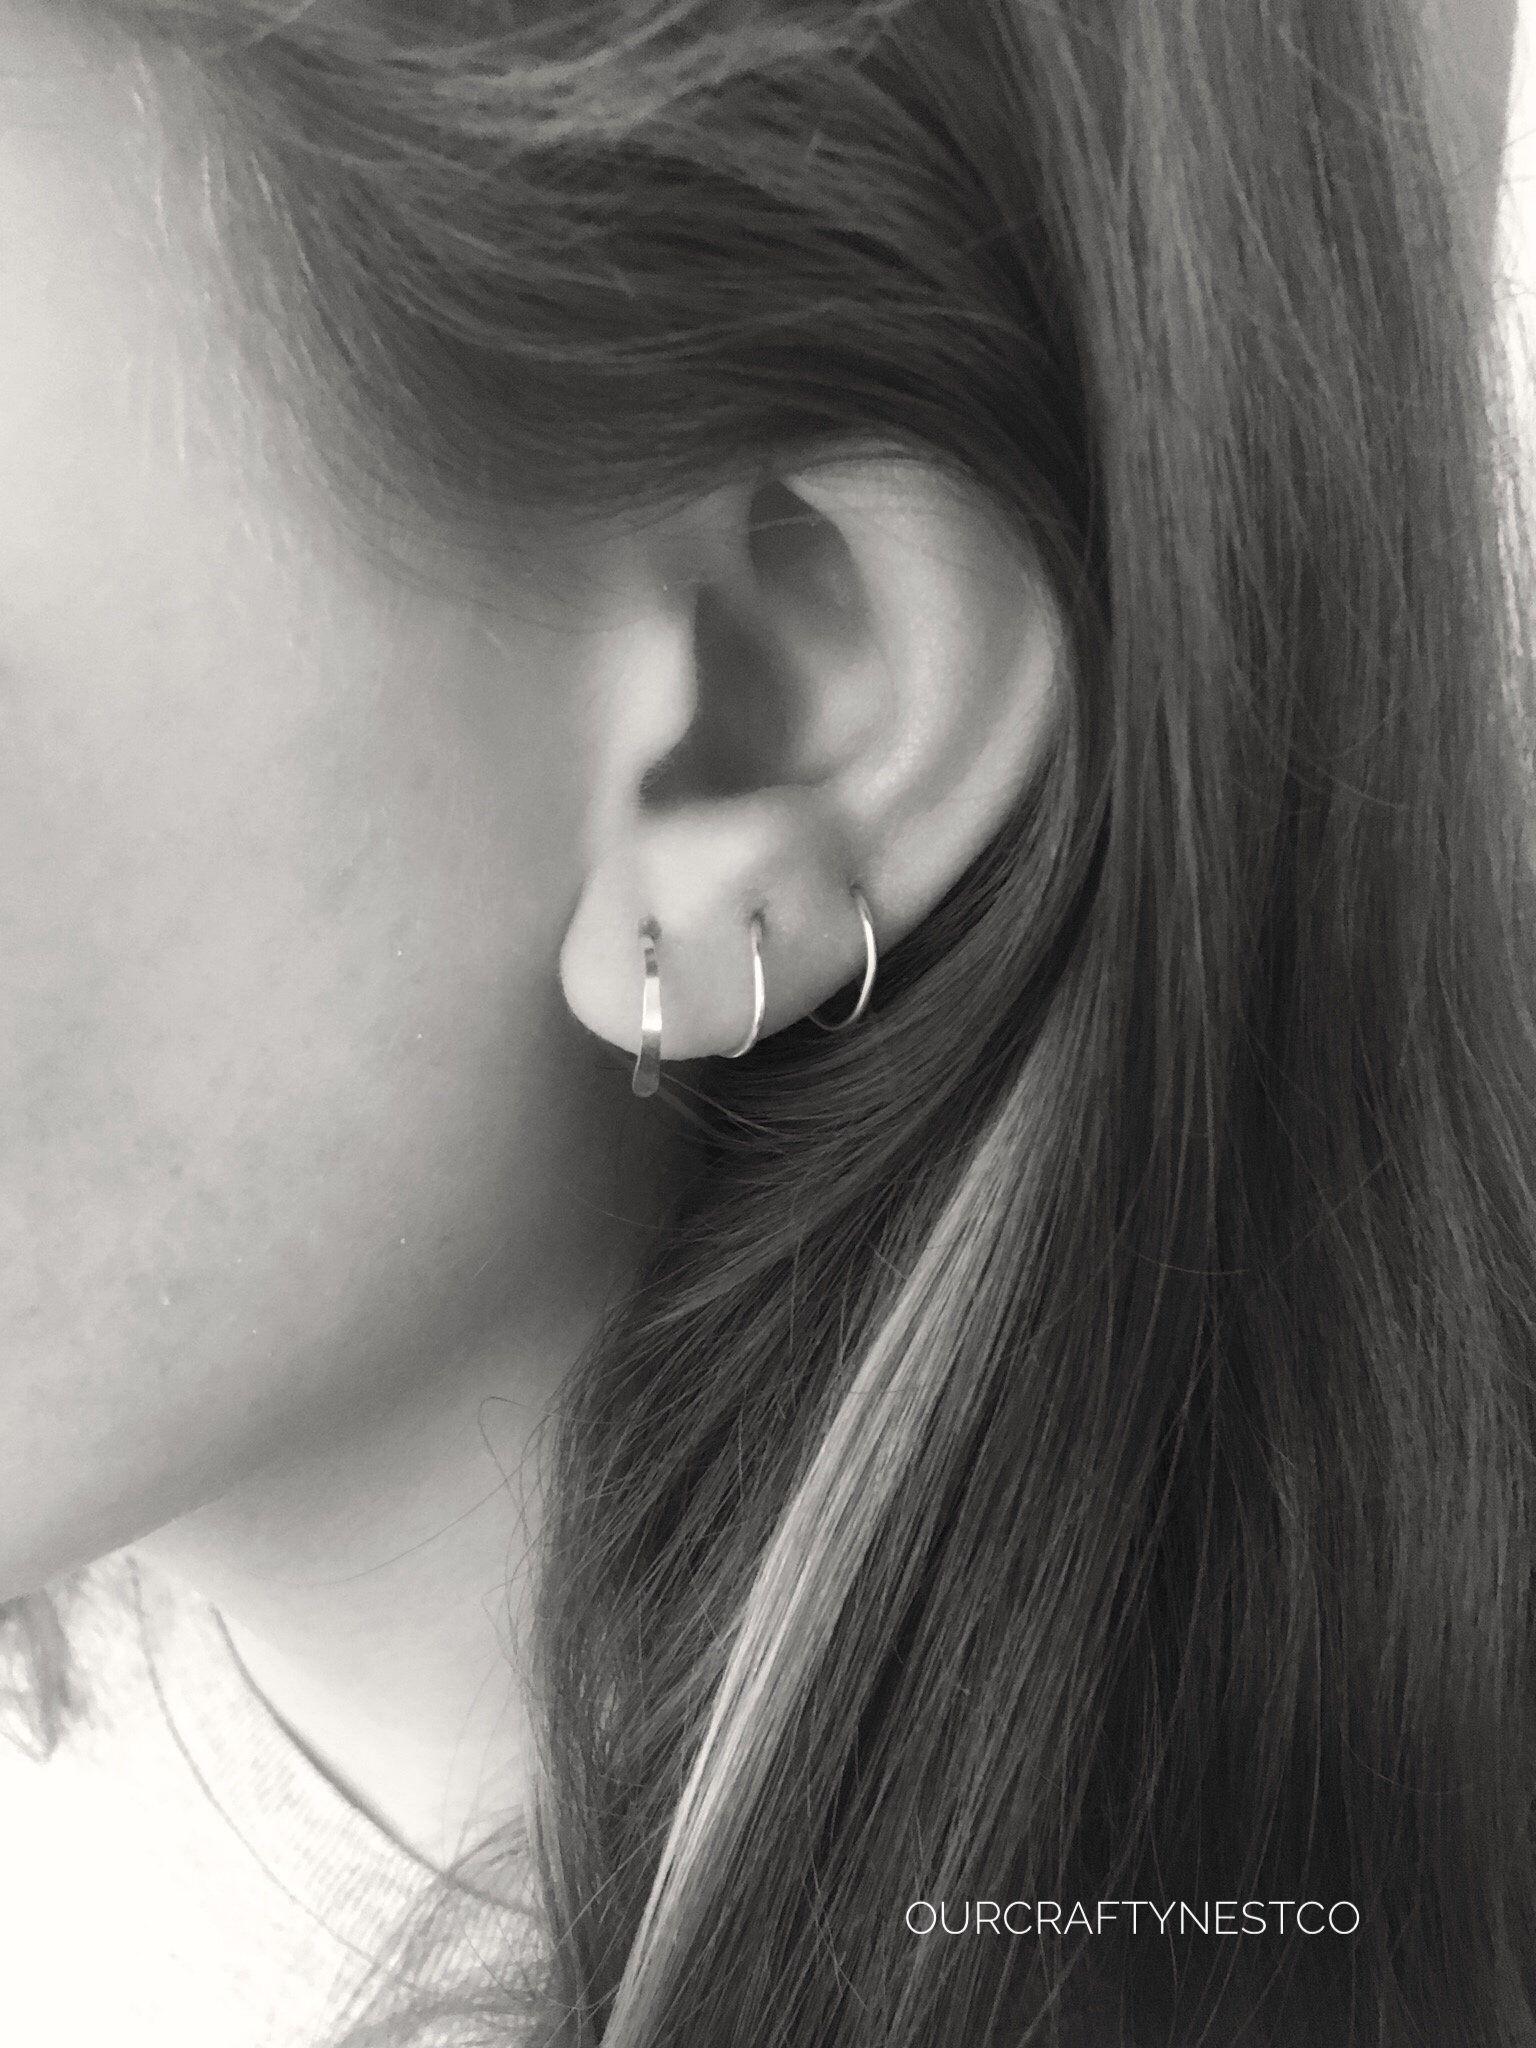 a14698610ee491 Spiral MULTIPLE PIERCINGS SILVER Hoop, 3 Piercings Threader Hoop, Earrings  for 3 Holes,